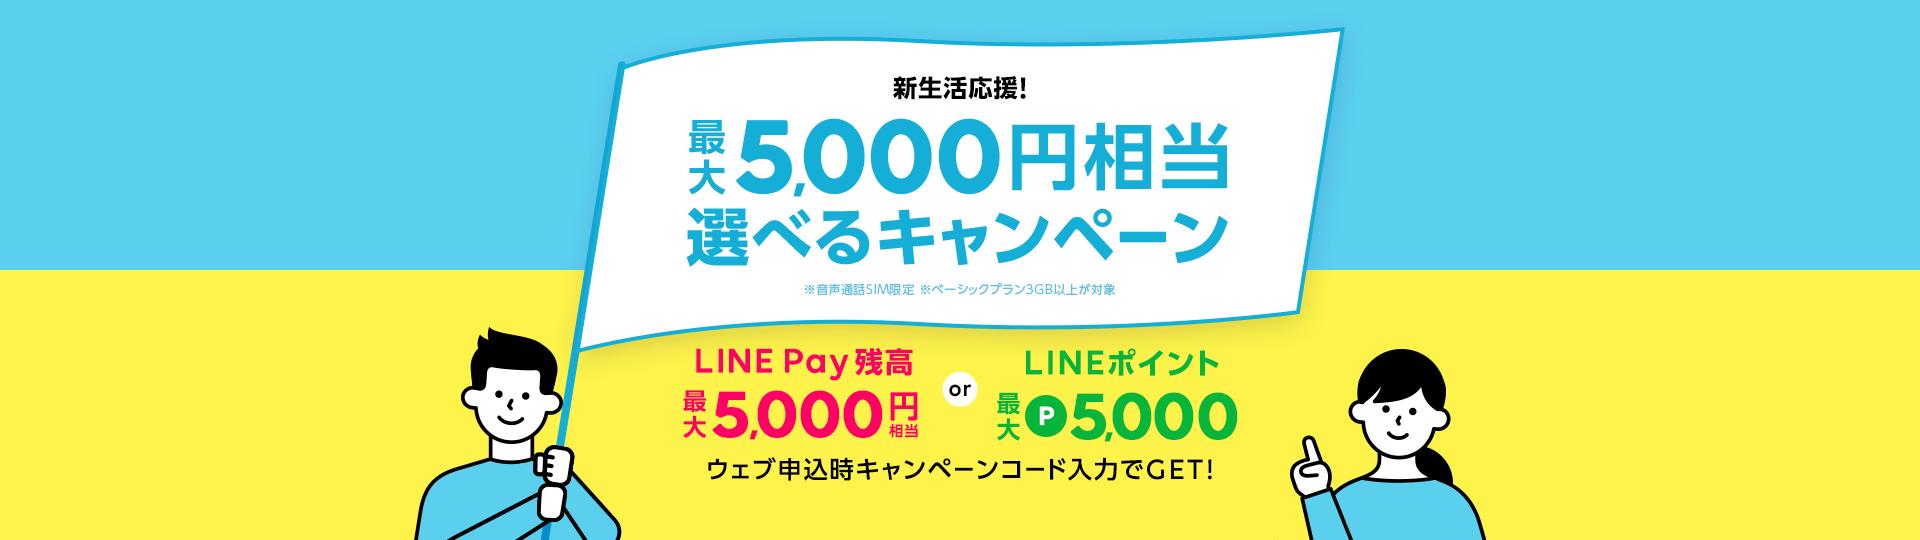 新生活応援 最大 5,000円相当 選べる キャンペーン LINE Pay残高最大5,000円相当orLINEポイント最大P5,000 ウェブ申込時キャンペーンコード入力でGET